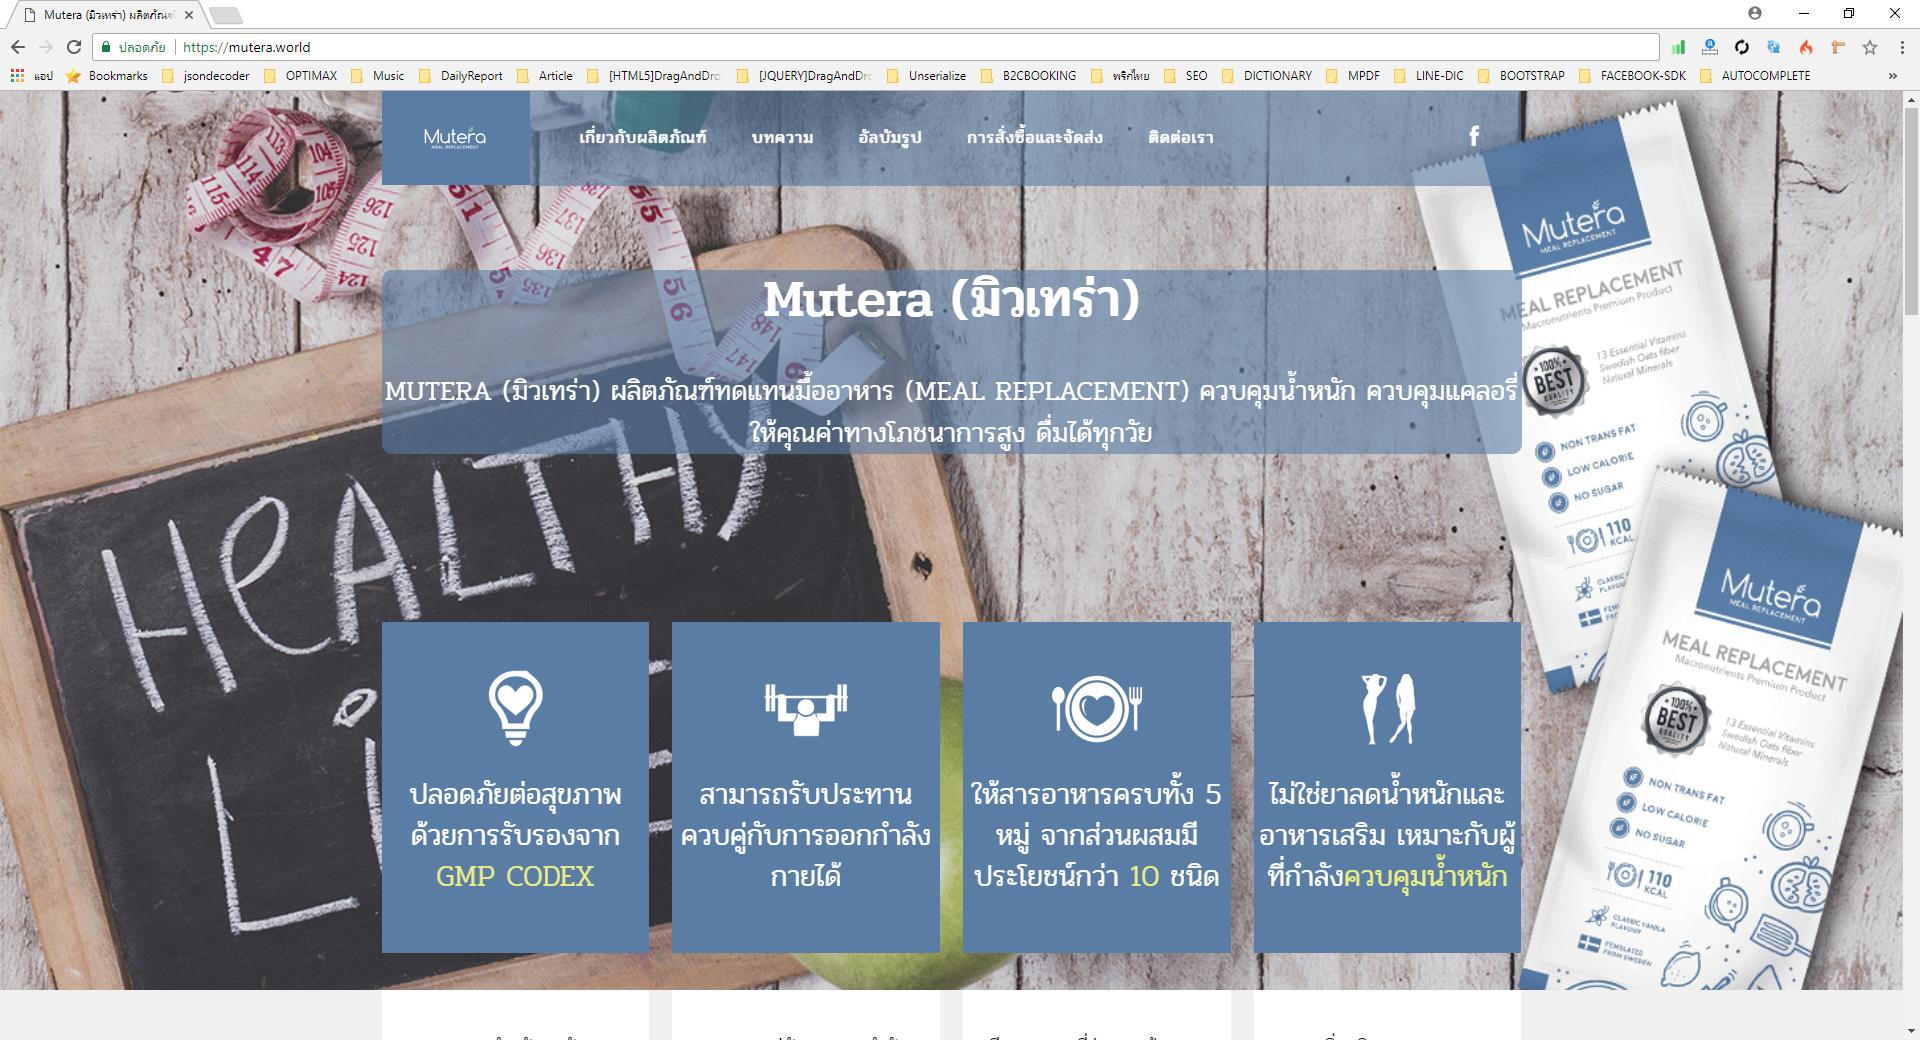 เว็บไซต์ mutera